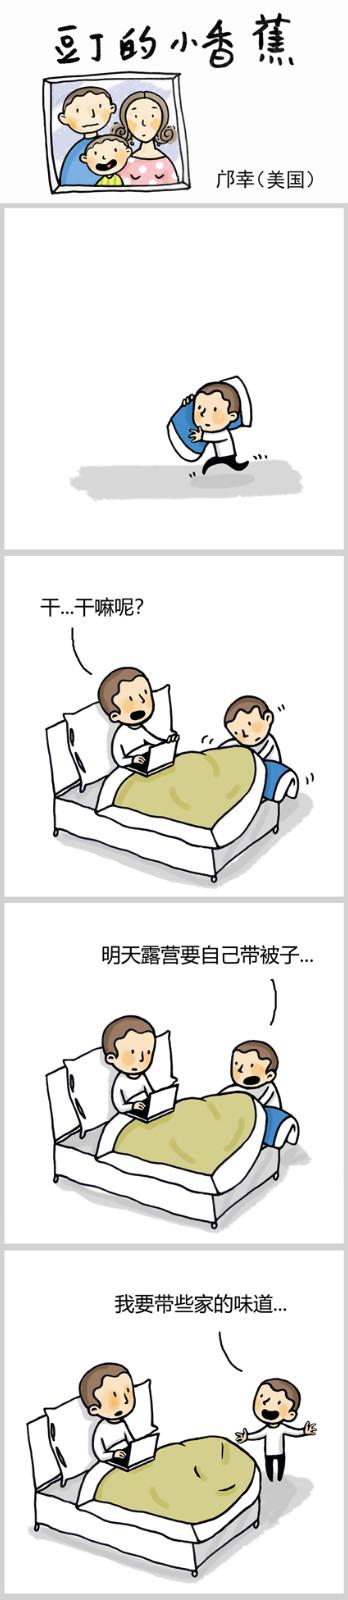 【邝幸漫畫】《小香蕉278》家的味道_图1-1